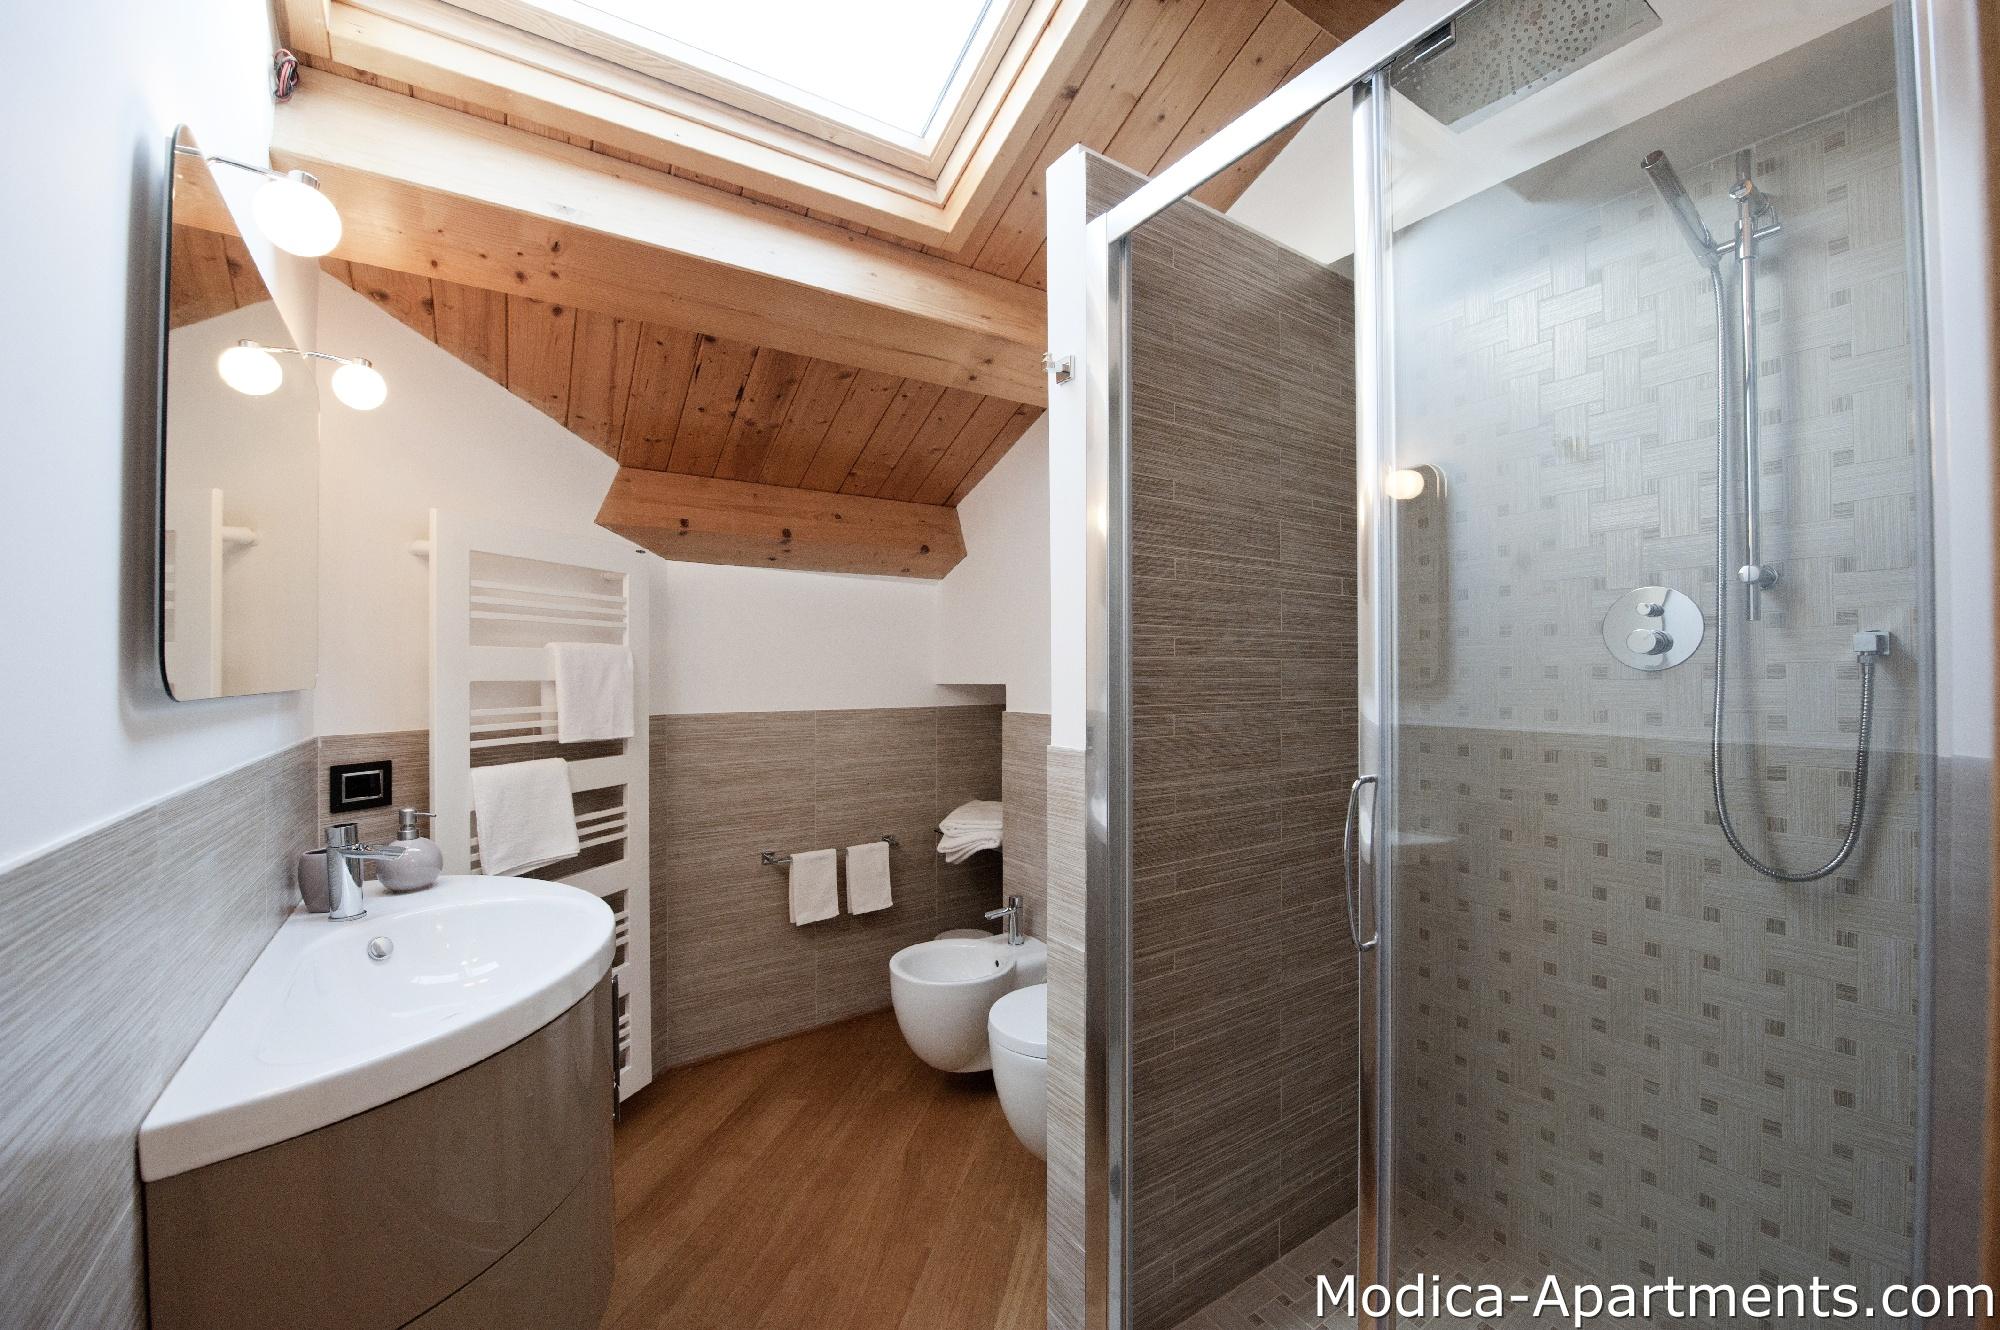 Giulietta apartments for rent in sicily modica for Bagni arredati immagini